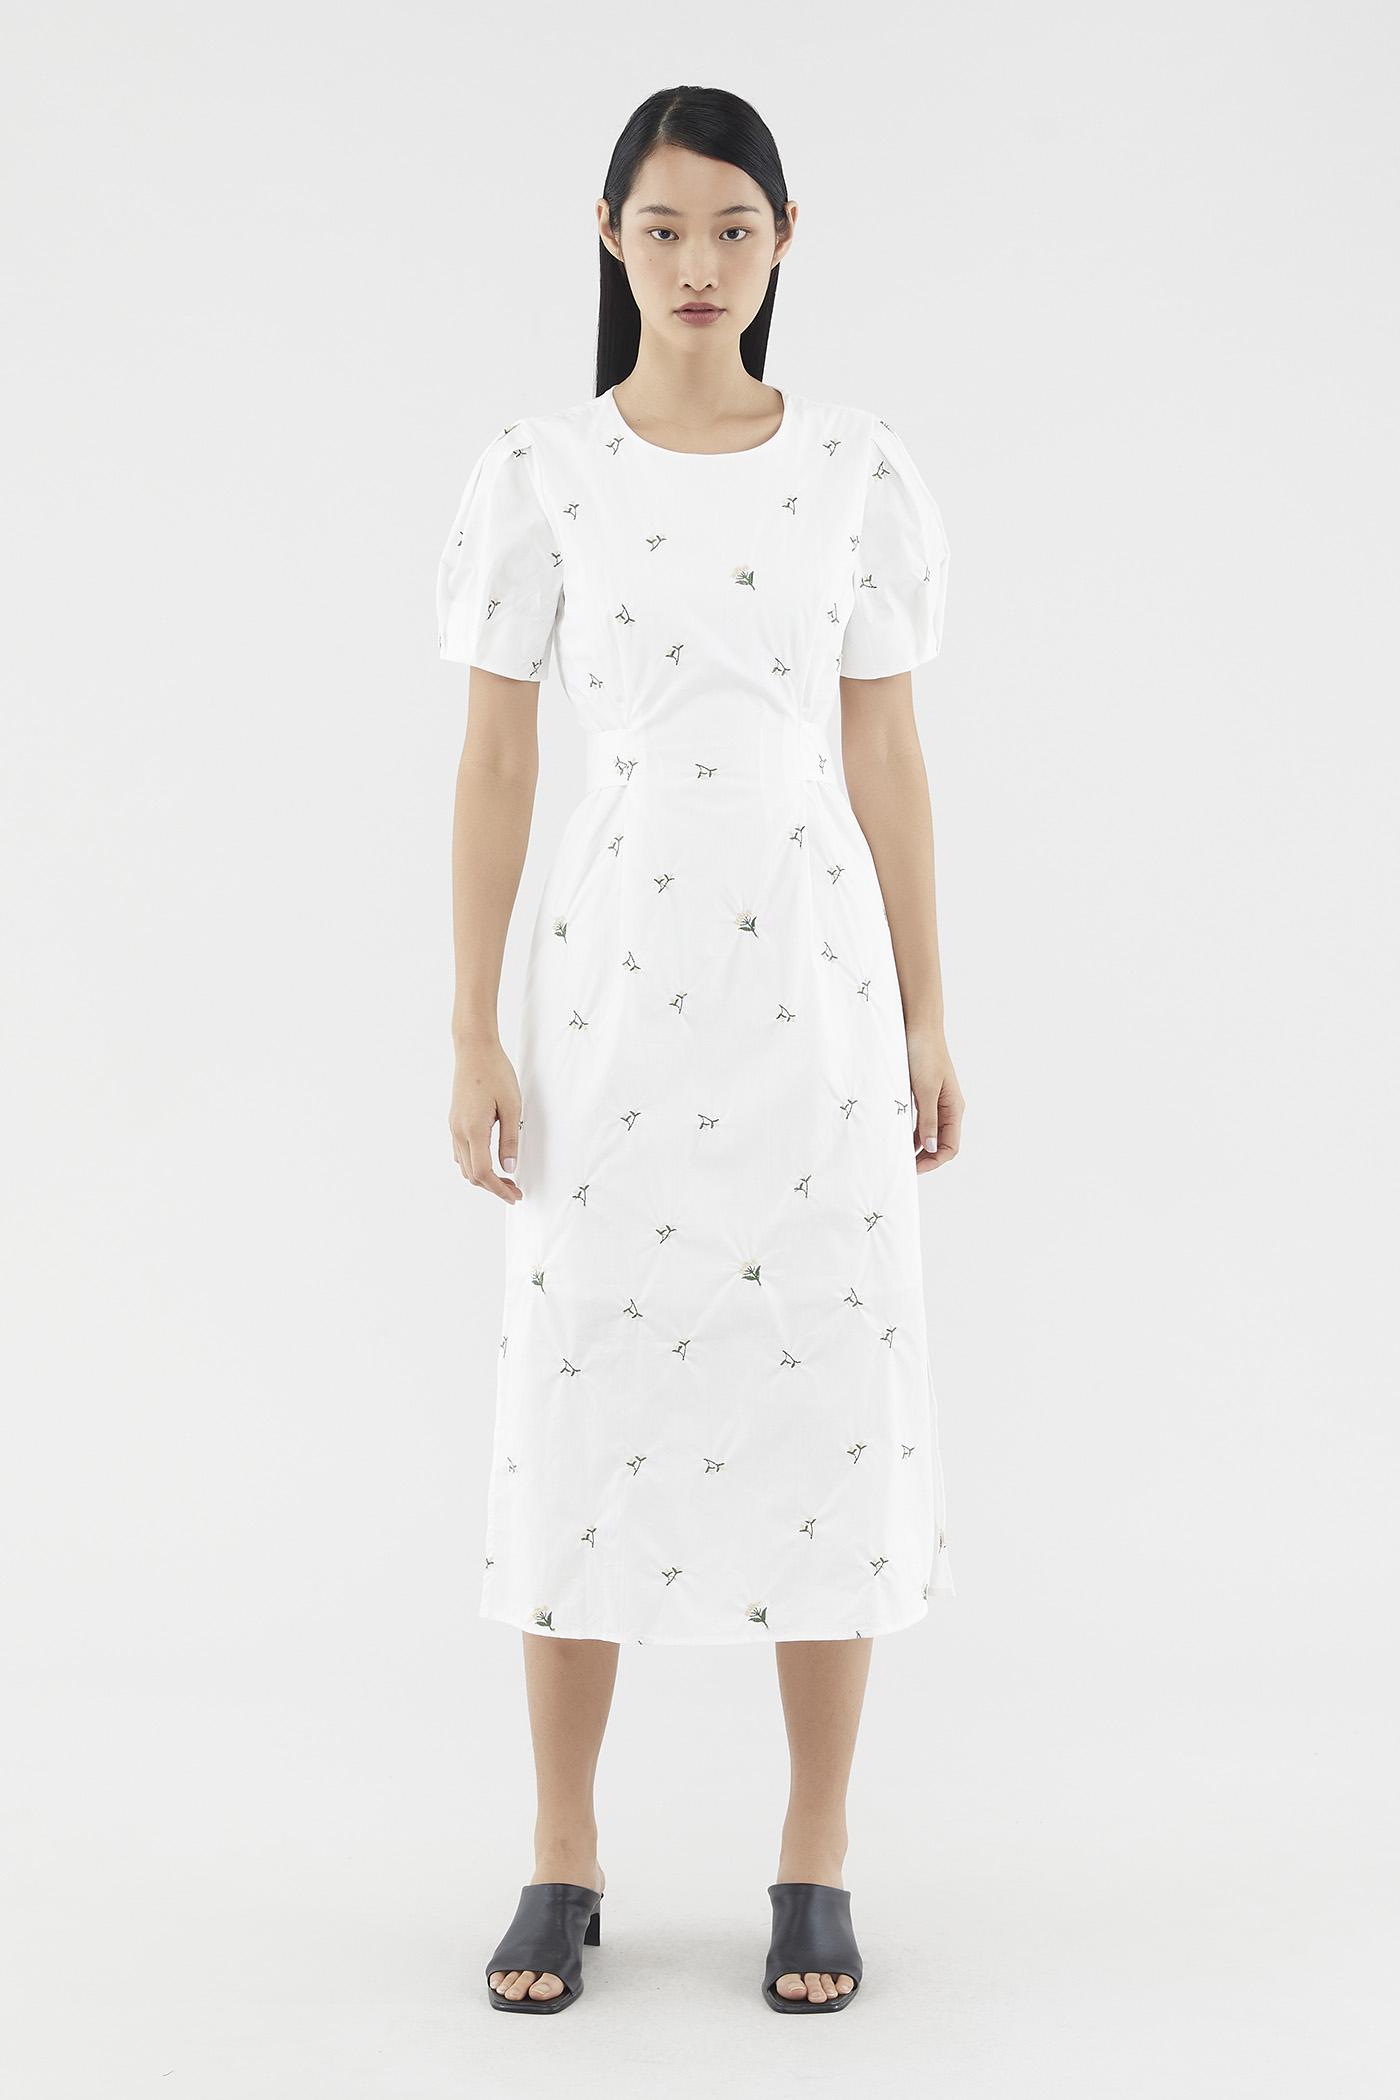 Kalmen Broderie Dress